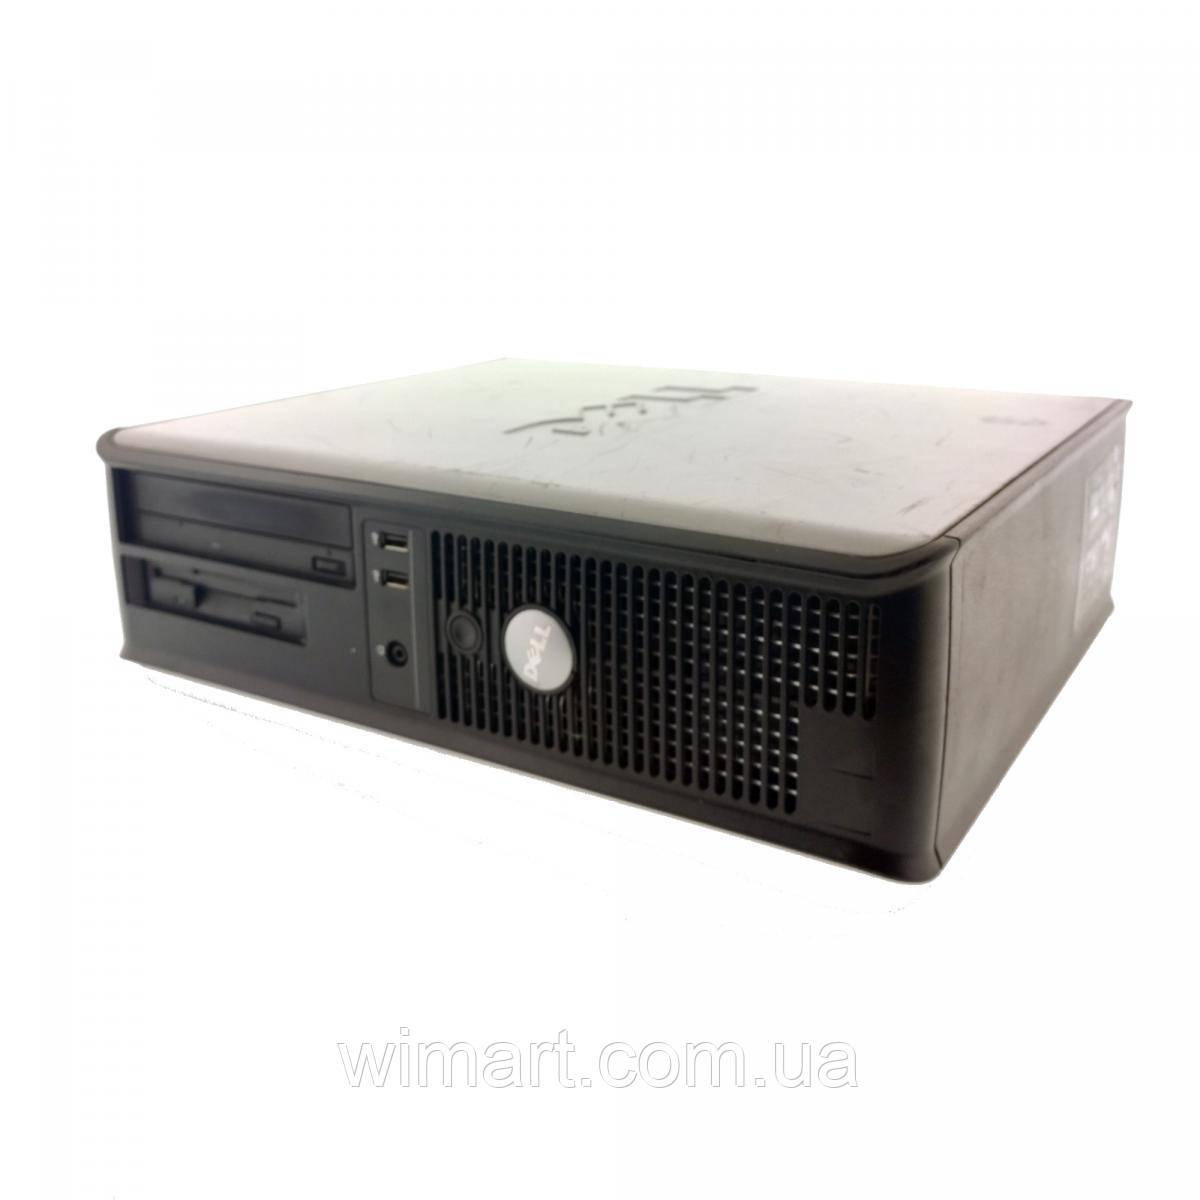 Системный блок Dell OptiPlex 320 Pentium E2160 1GB DDR2 noHDD noOS Б/У